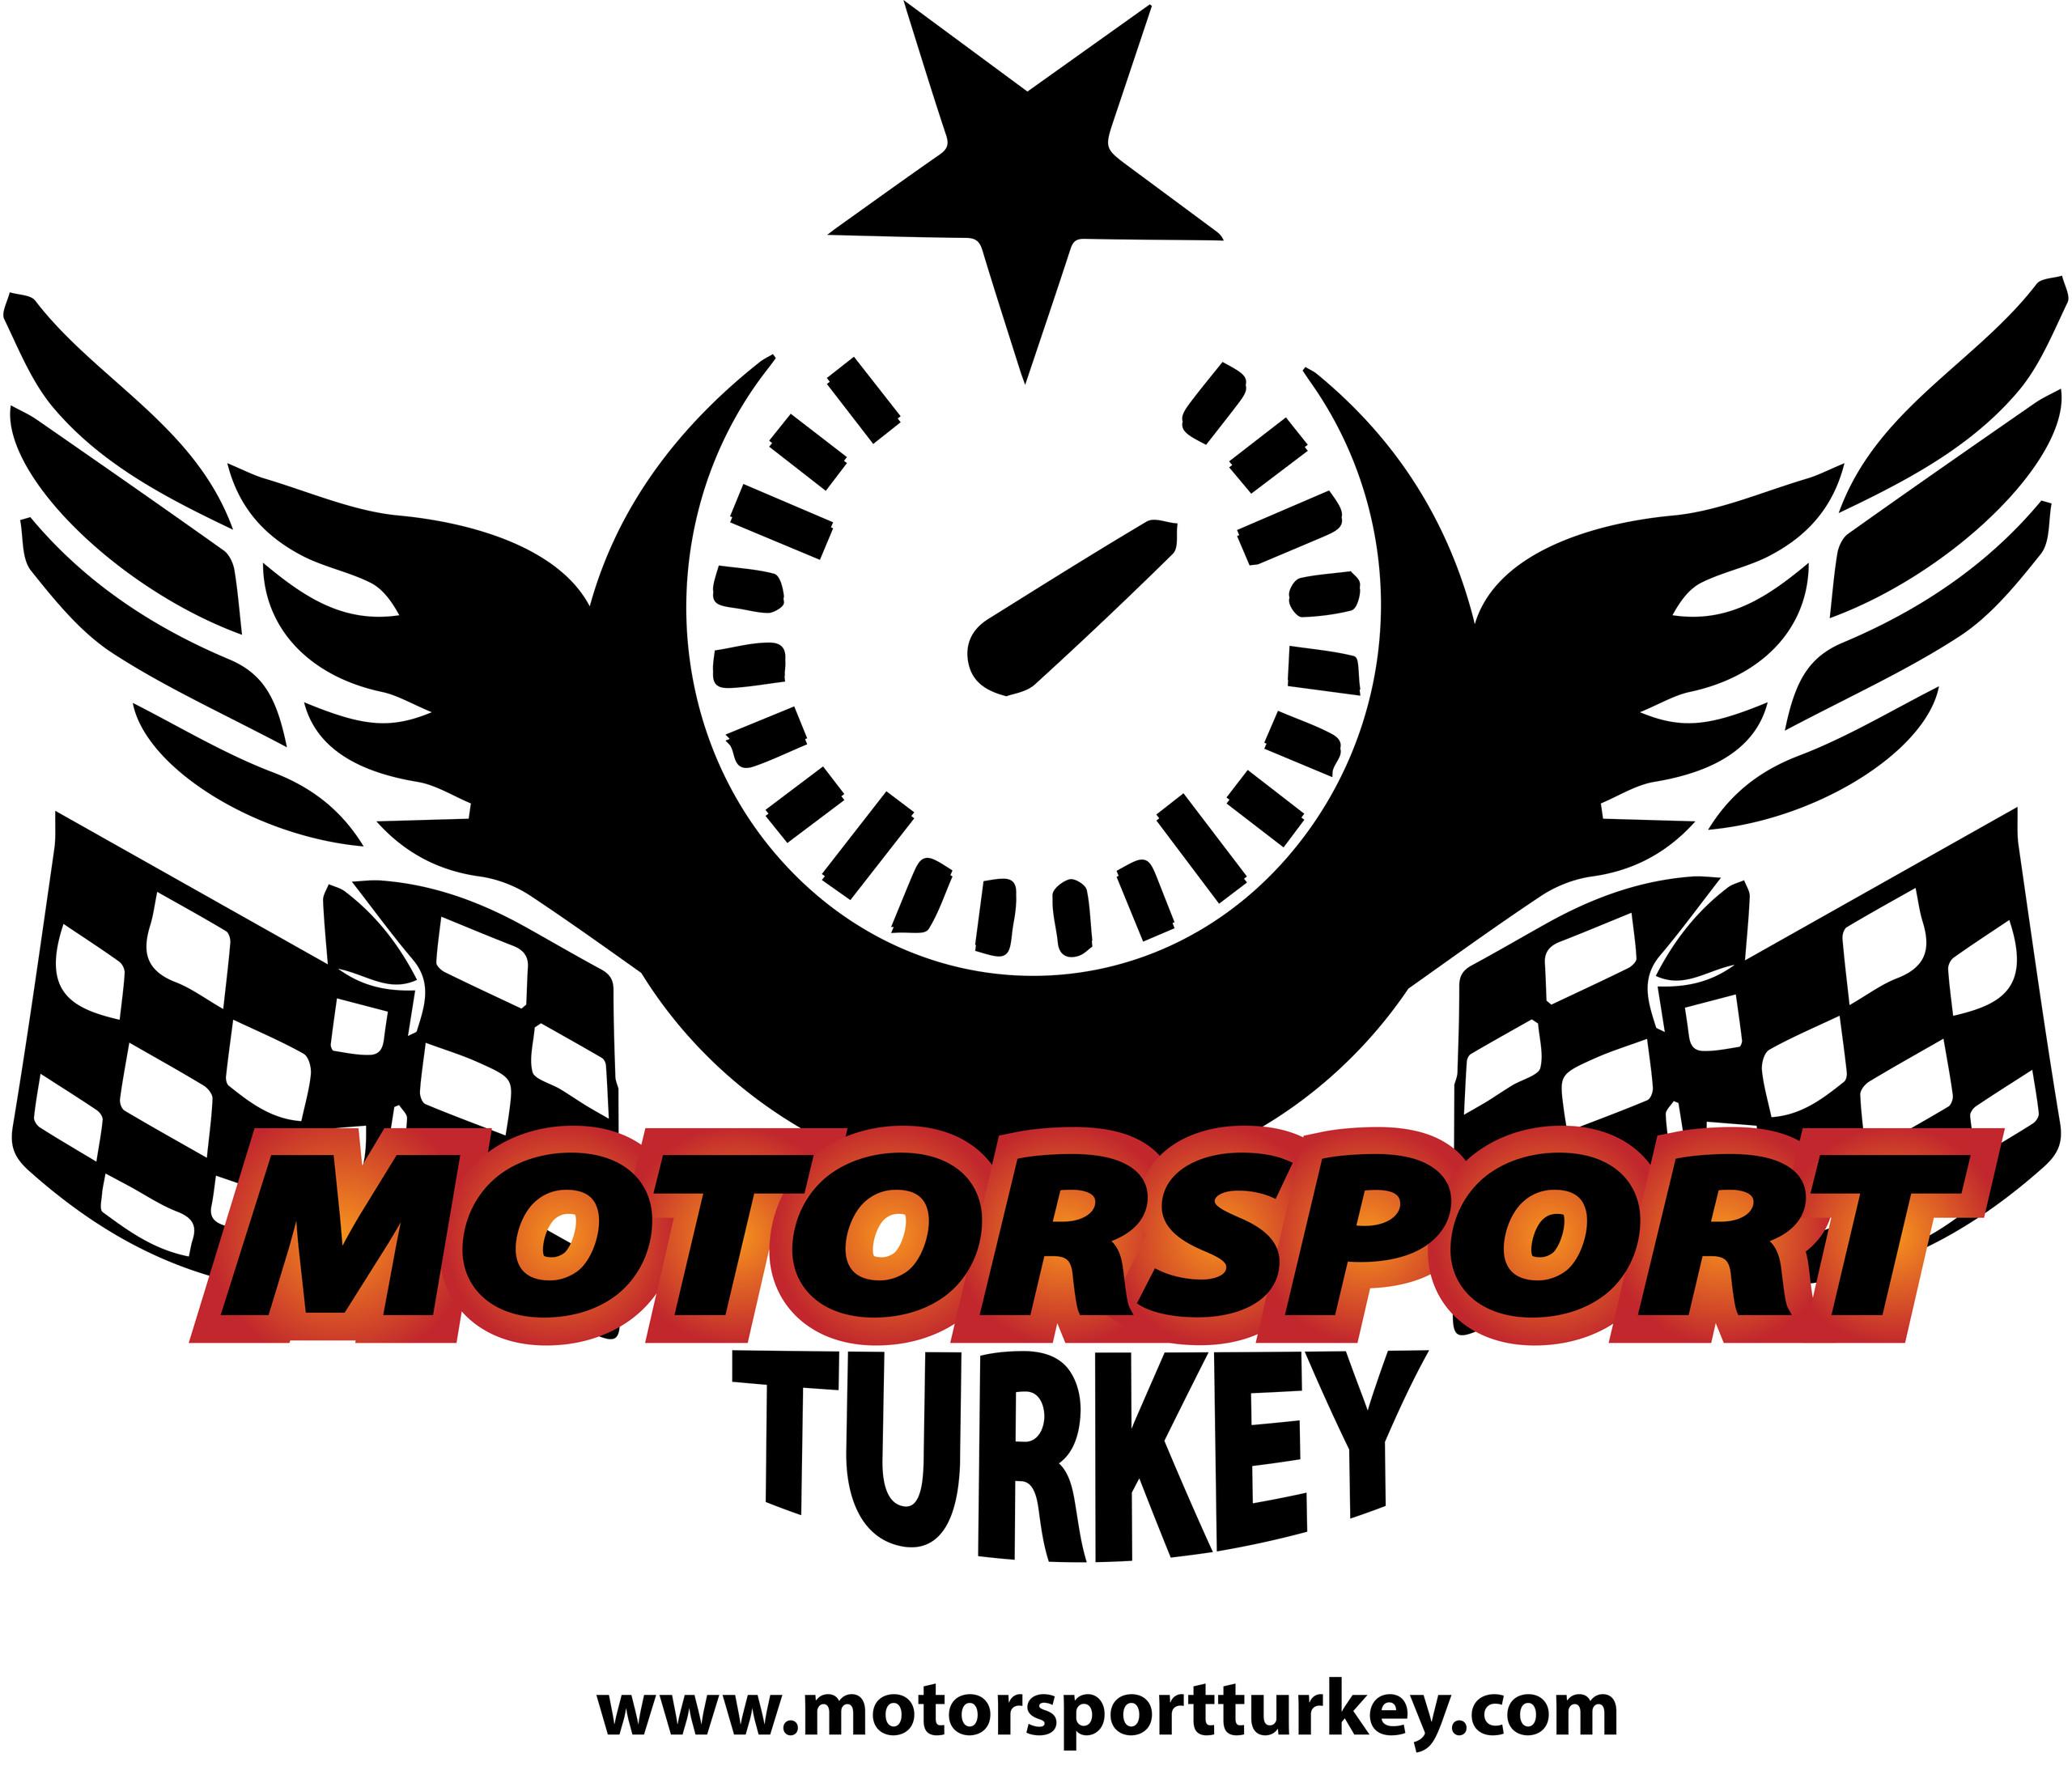 www.motorsportturkey.com